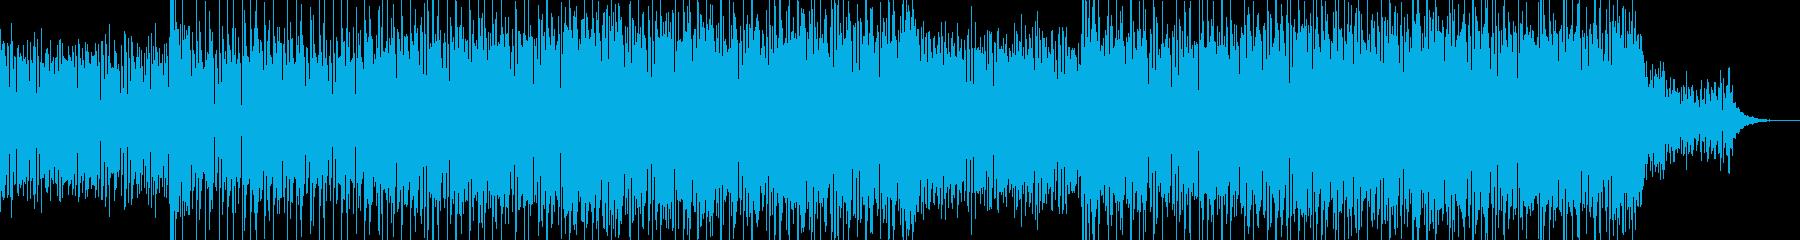 現代的で都会的なシンセミュージック-08の再生済みの波形